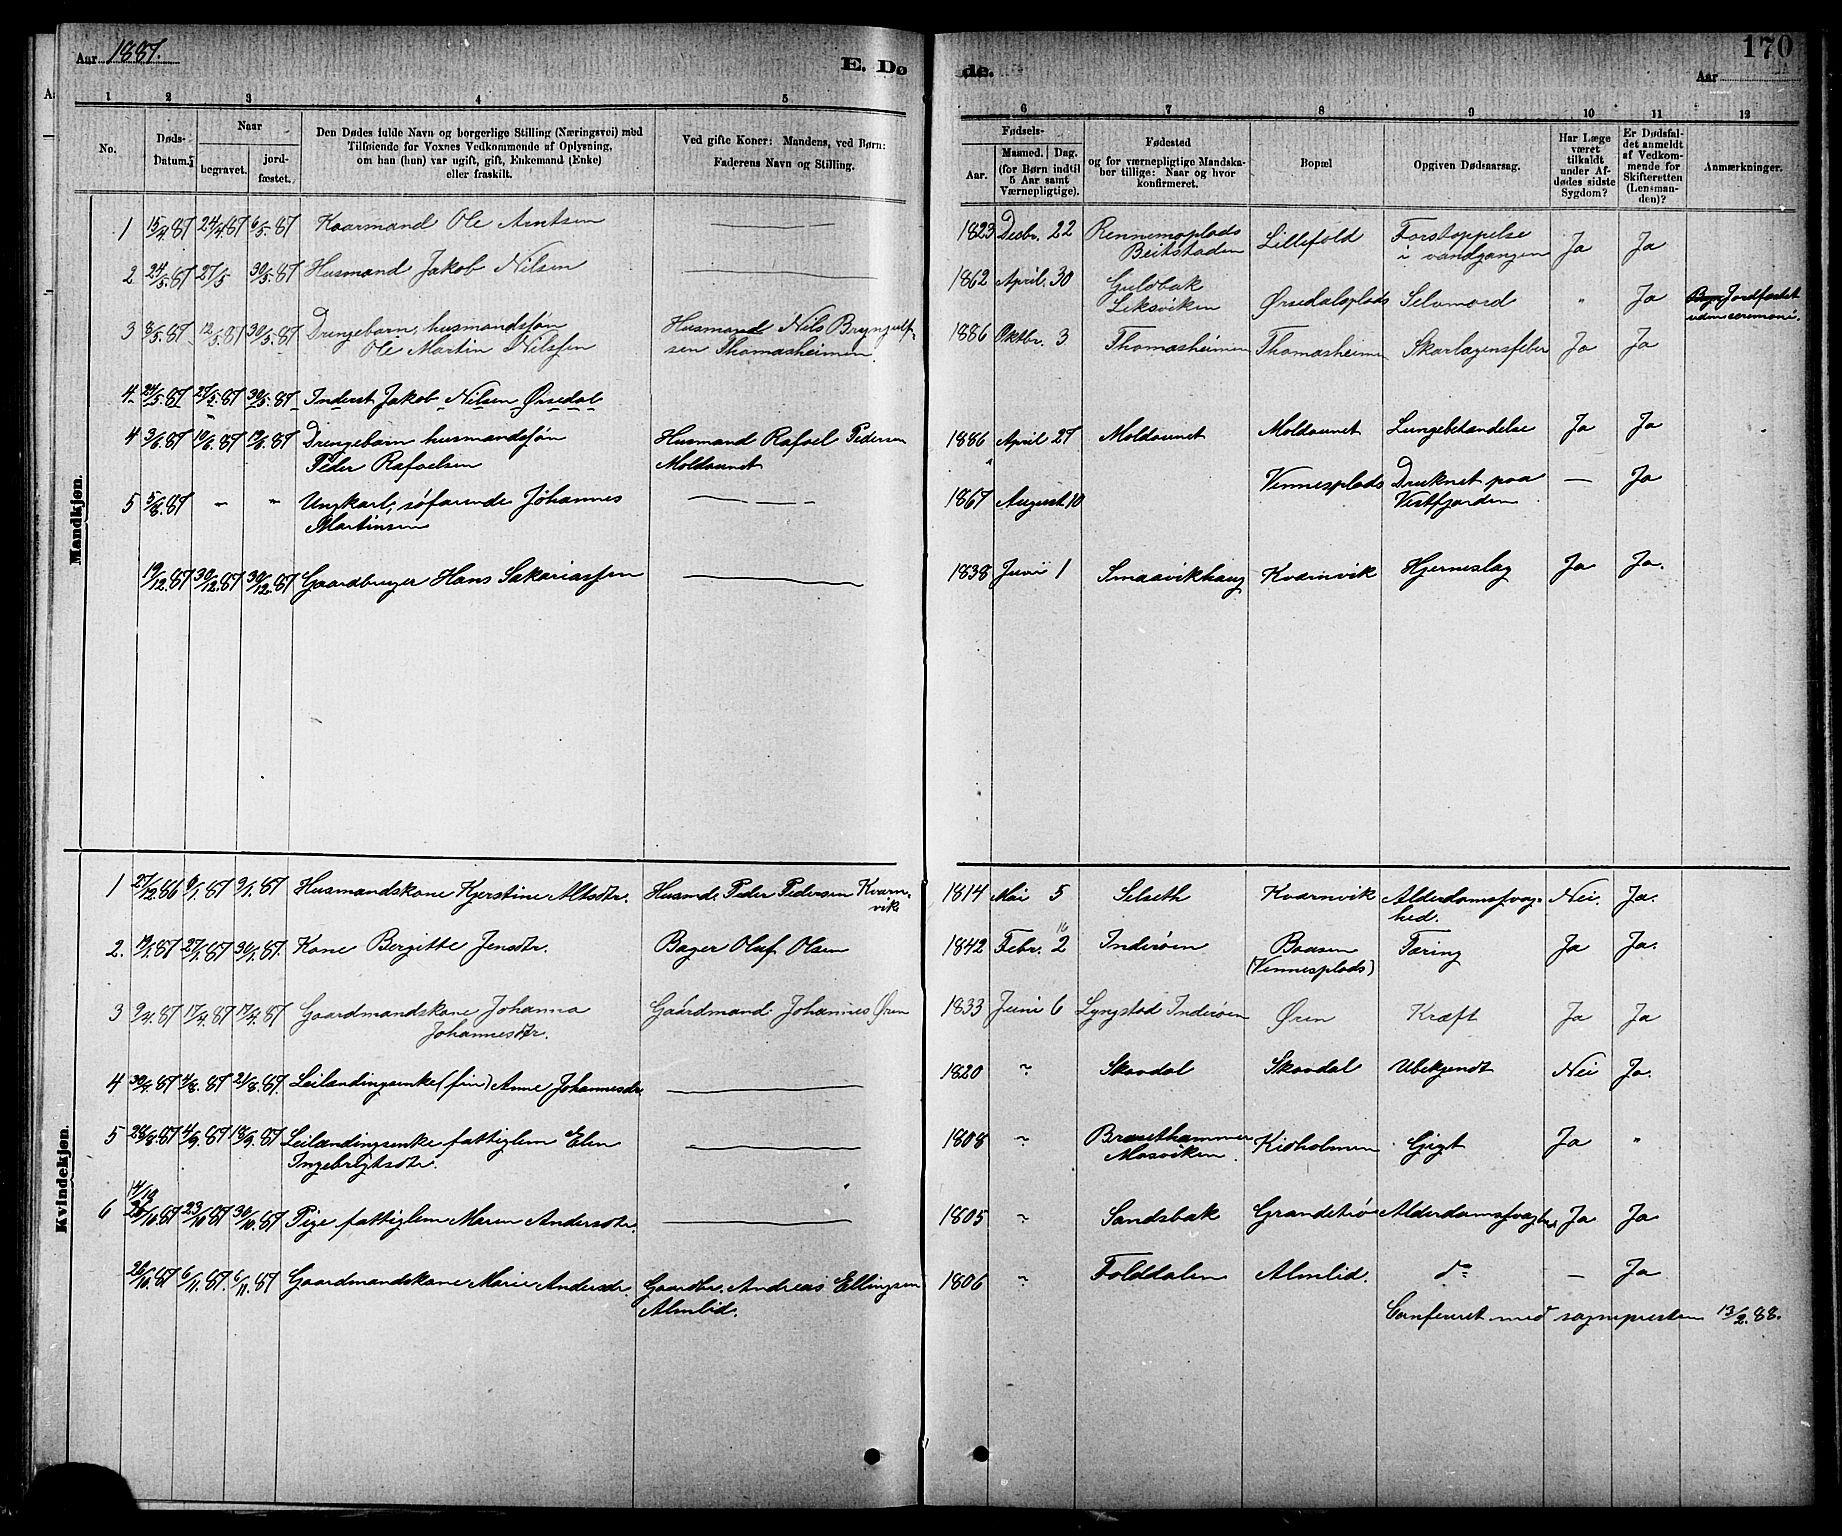 SAT, Ministerialprotokoller, klokkerbøker og fødselsregistre - Nord-Trøndelag, 744/L0423: Klokkerbok nr. 744C02, 1886-1905, s. 170